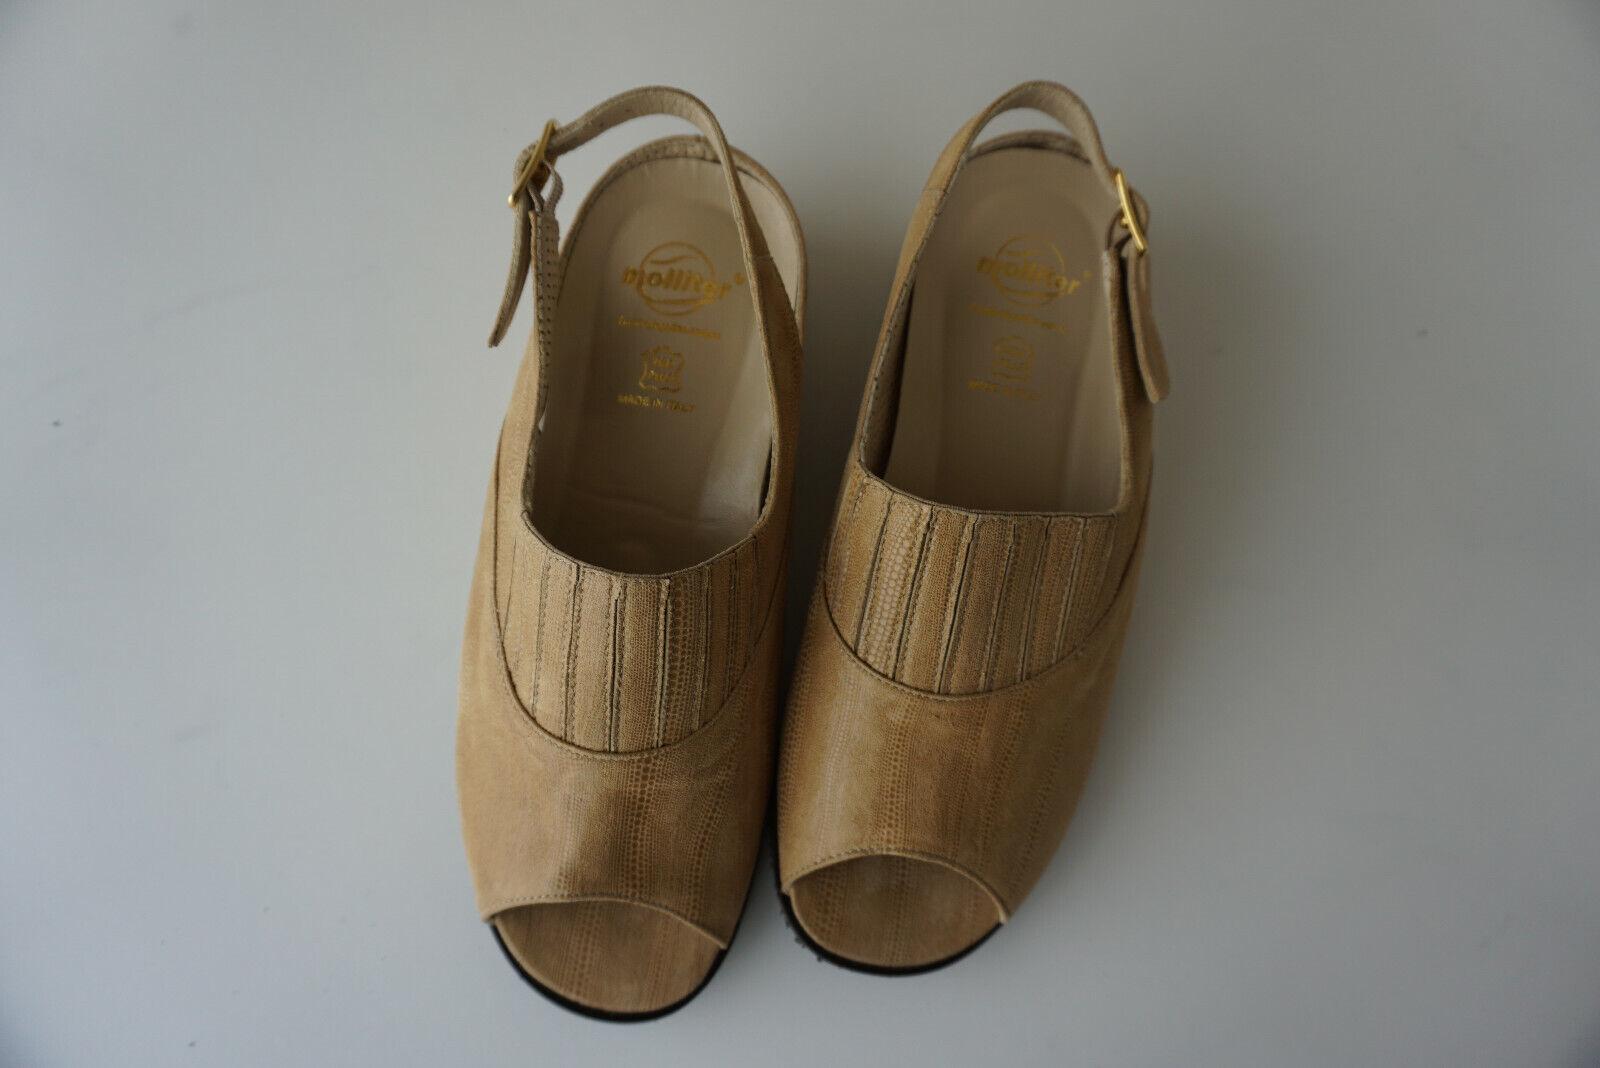 Orthopédique Molliter Sandale Femme Été Chaussure Léger Gr.38 Caramel Cuir Neuf